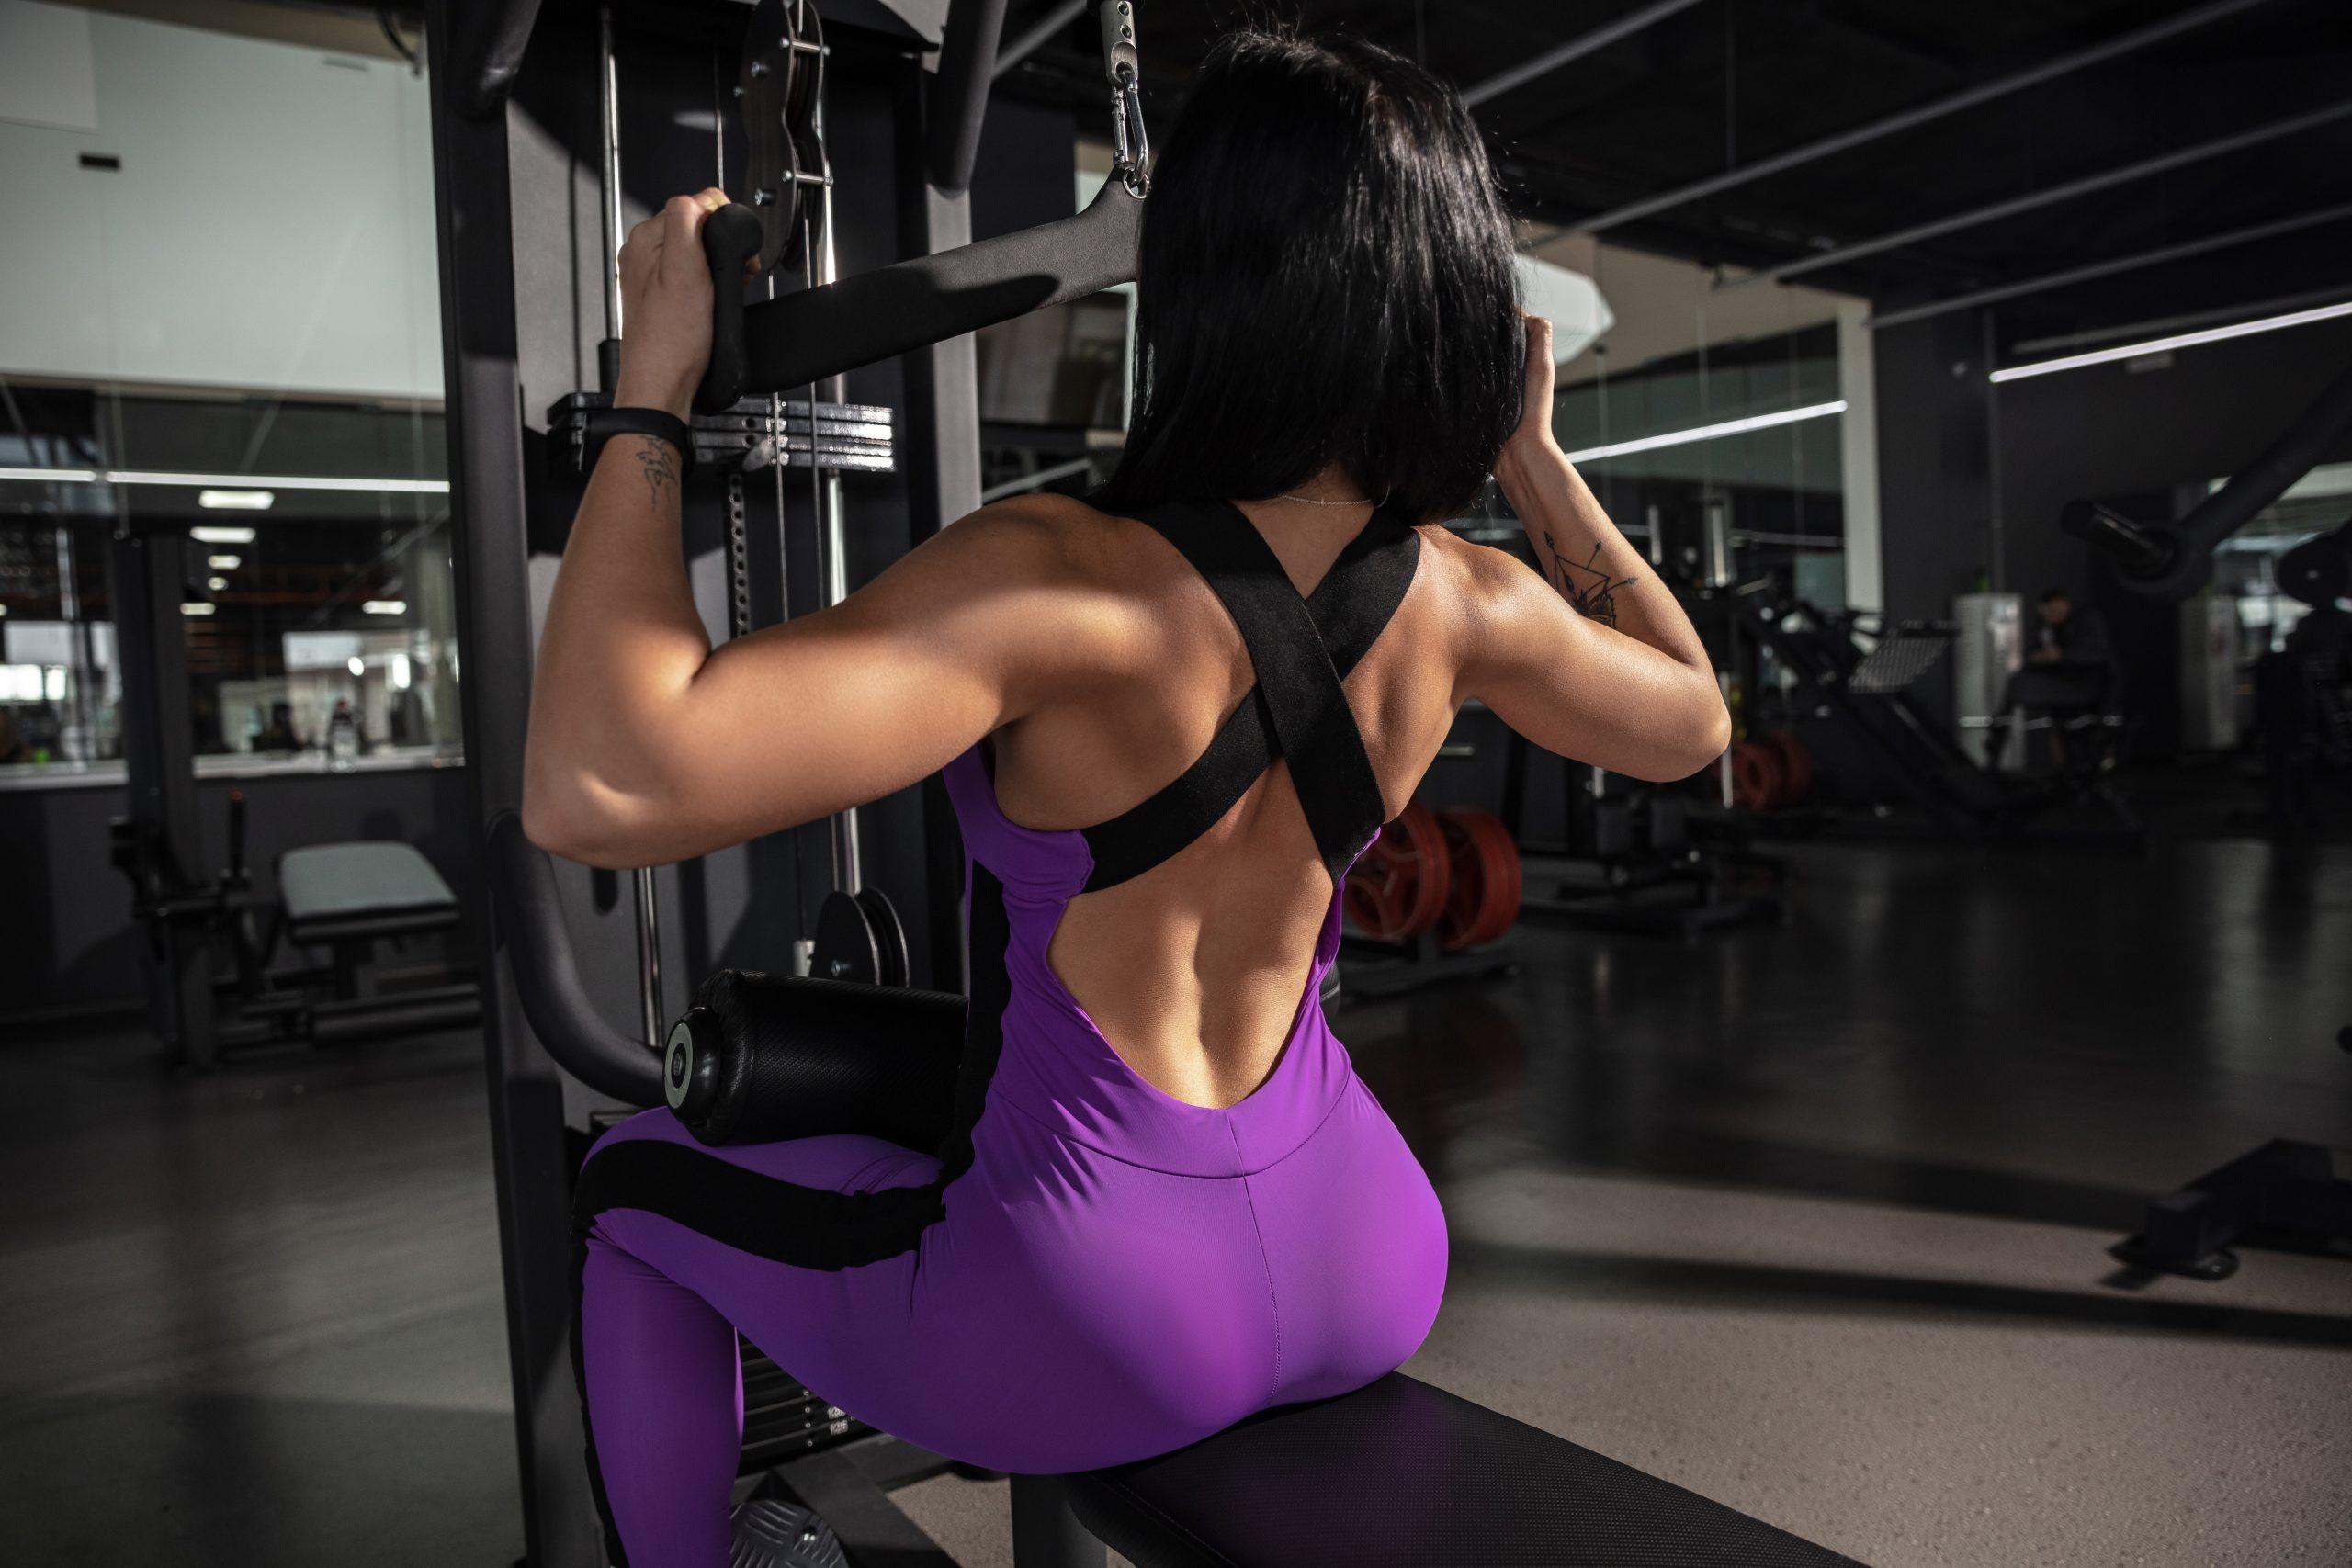 Mulher de costas com roupa esportiva sentada na estação de musculação puxando pesos